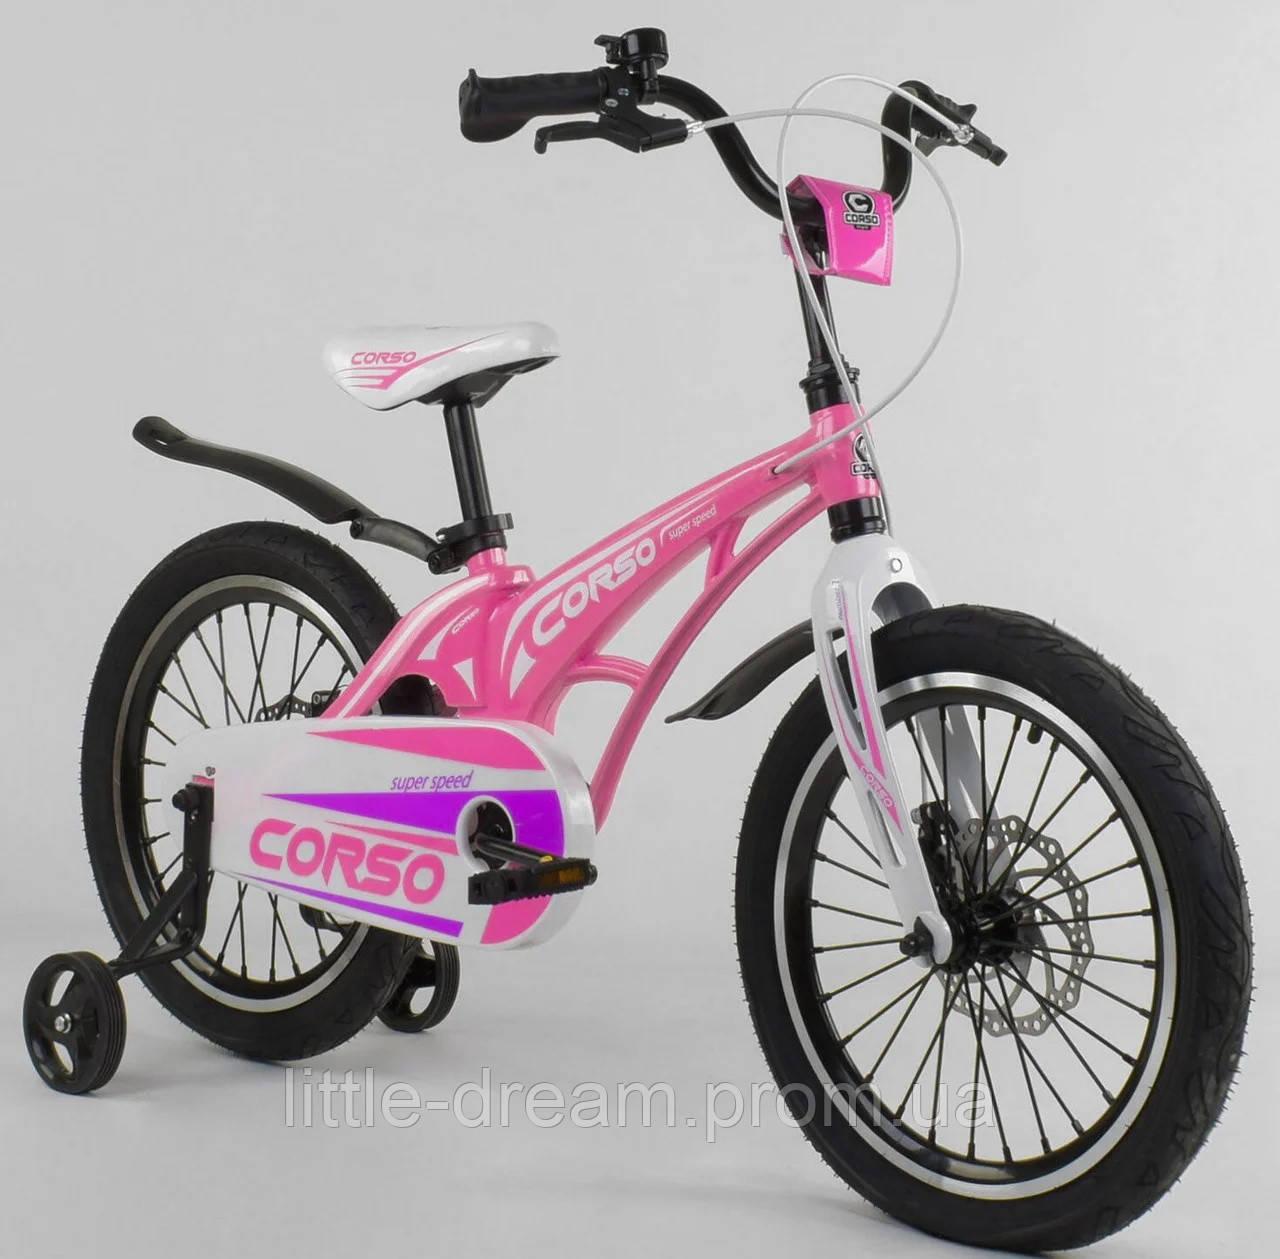 """Детский двухколёсный велосипед 14"""" с магниевой рамой и алюминиевыми двойными дисками Corso MG-14 S 706 розовый"""